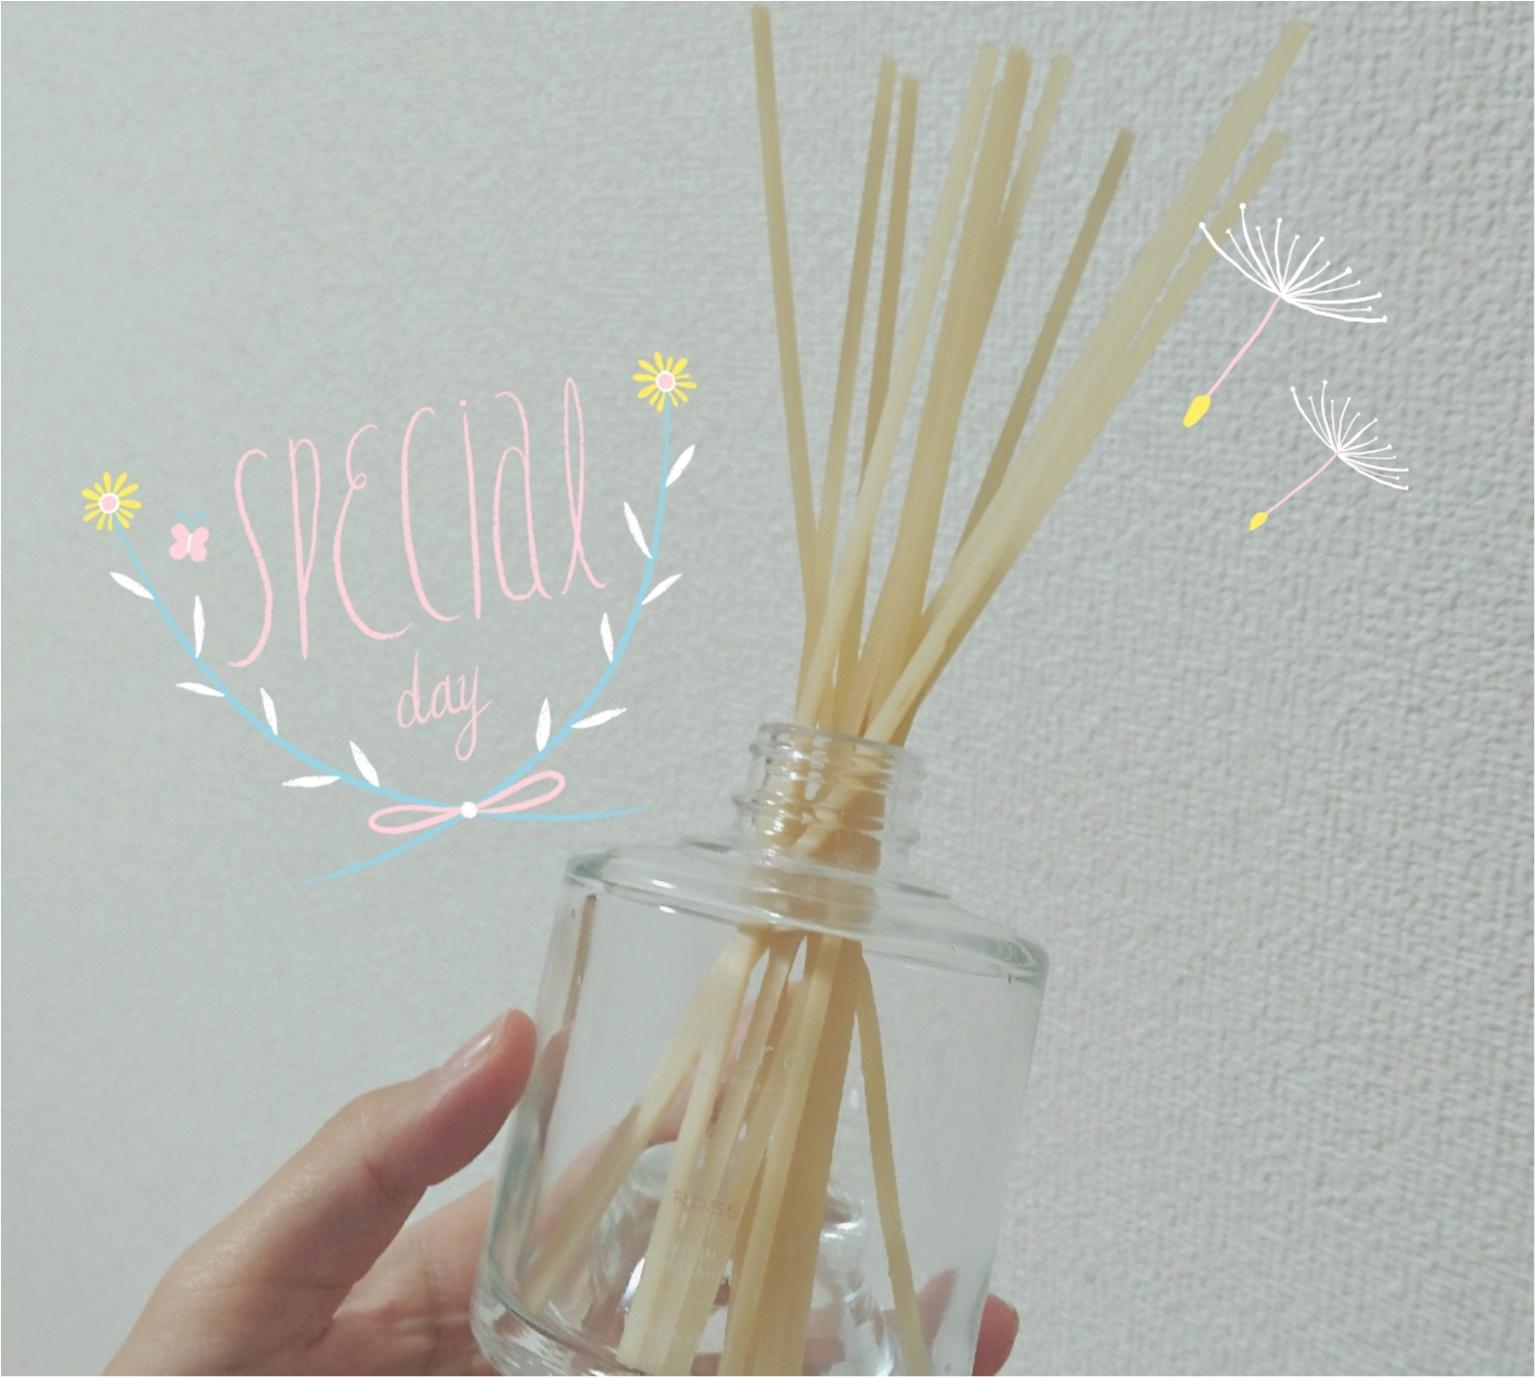 【shiro】シンプルなデザインに癒しの香り♡shiro(シロ)のホームケアアイテム使い始めました♡♡_1